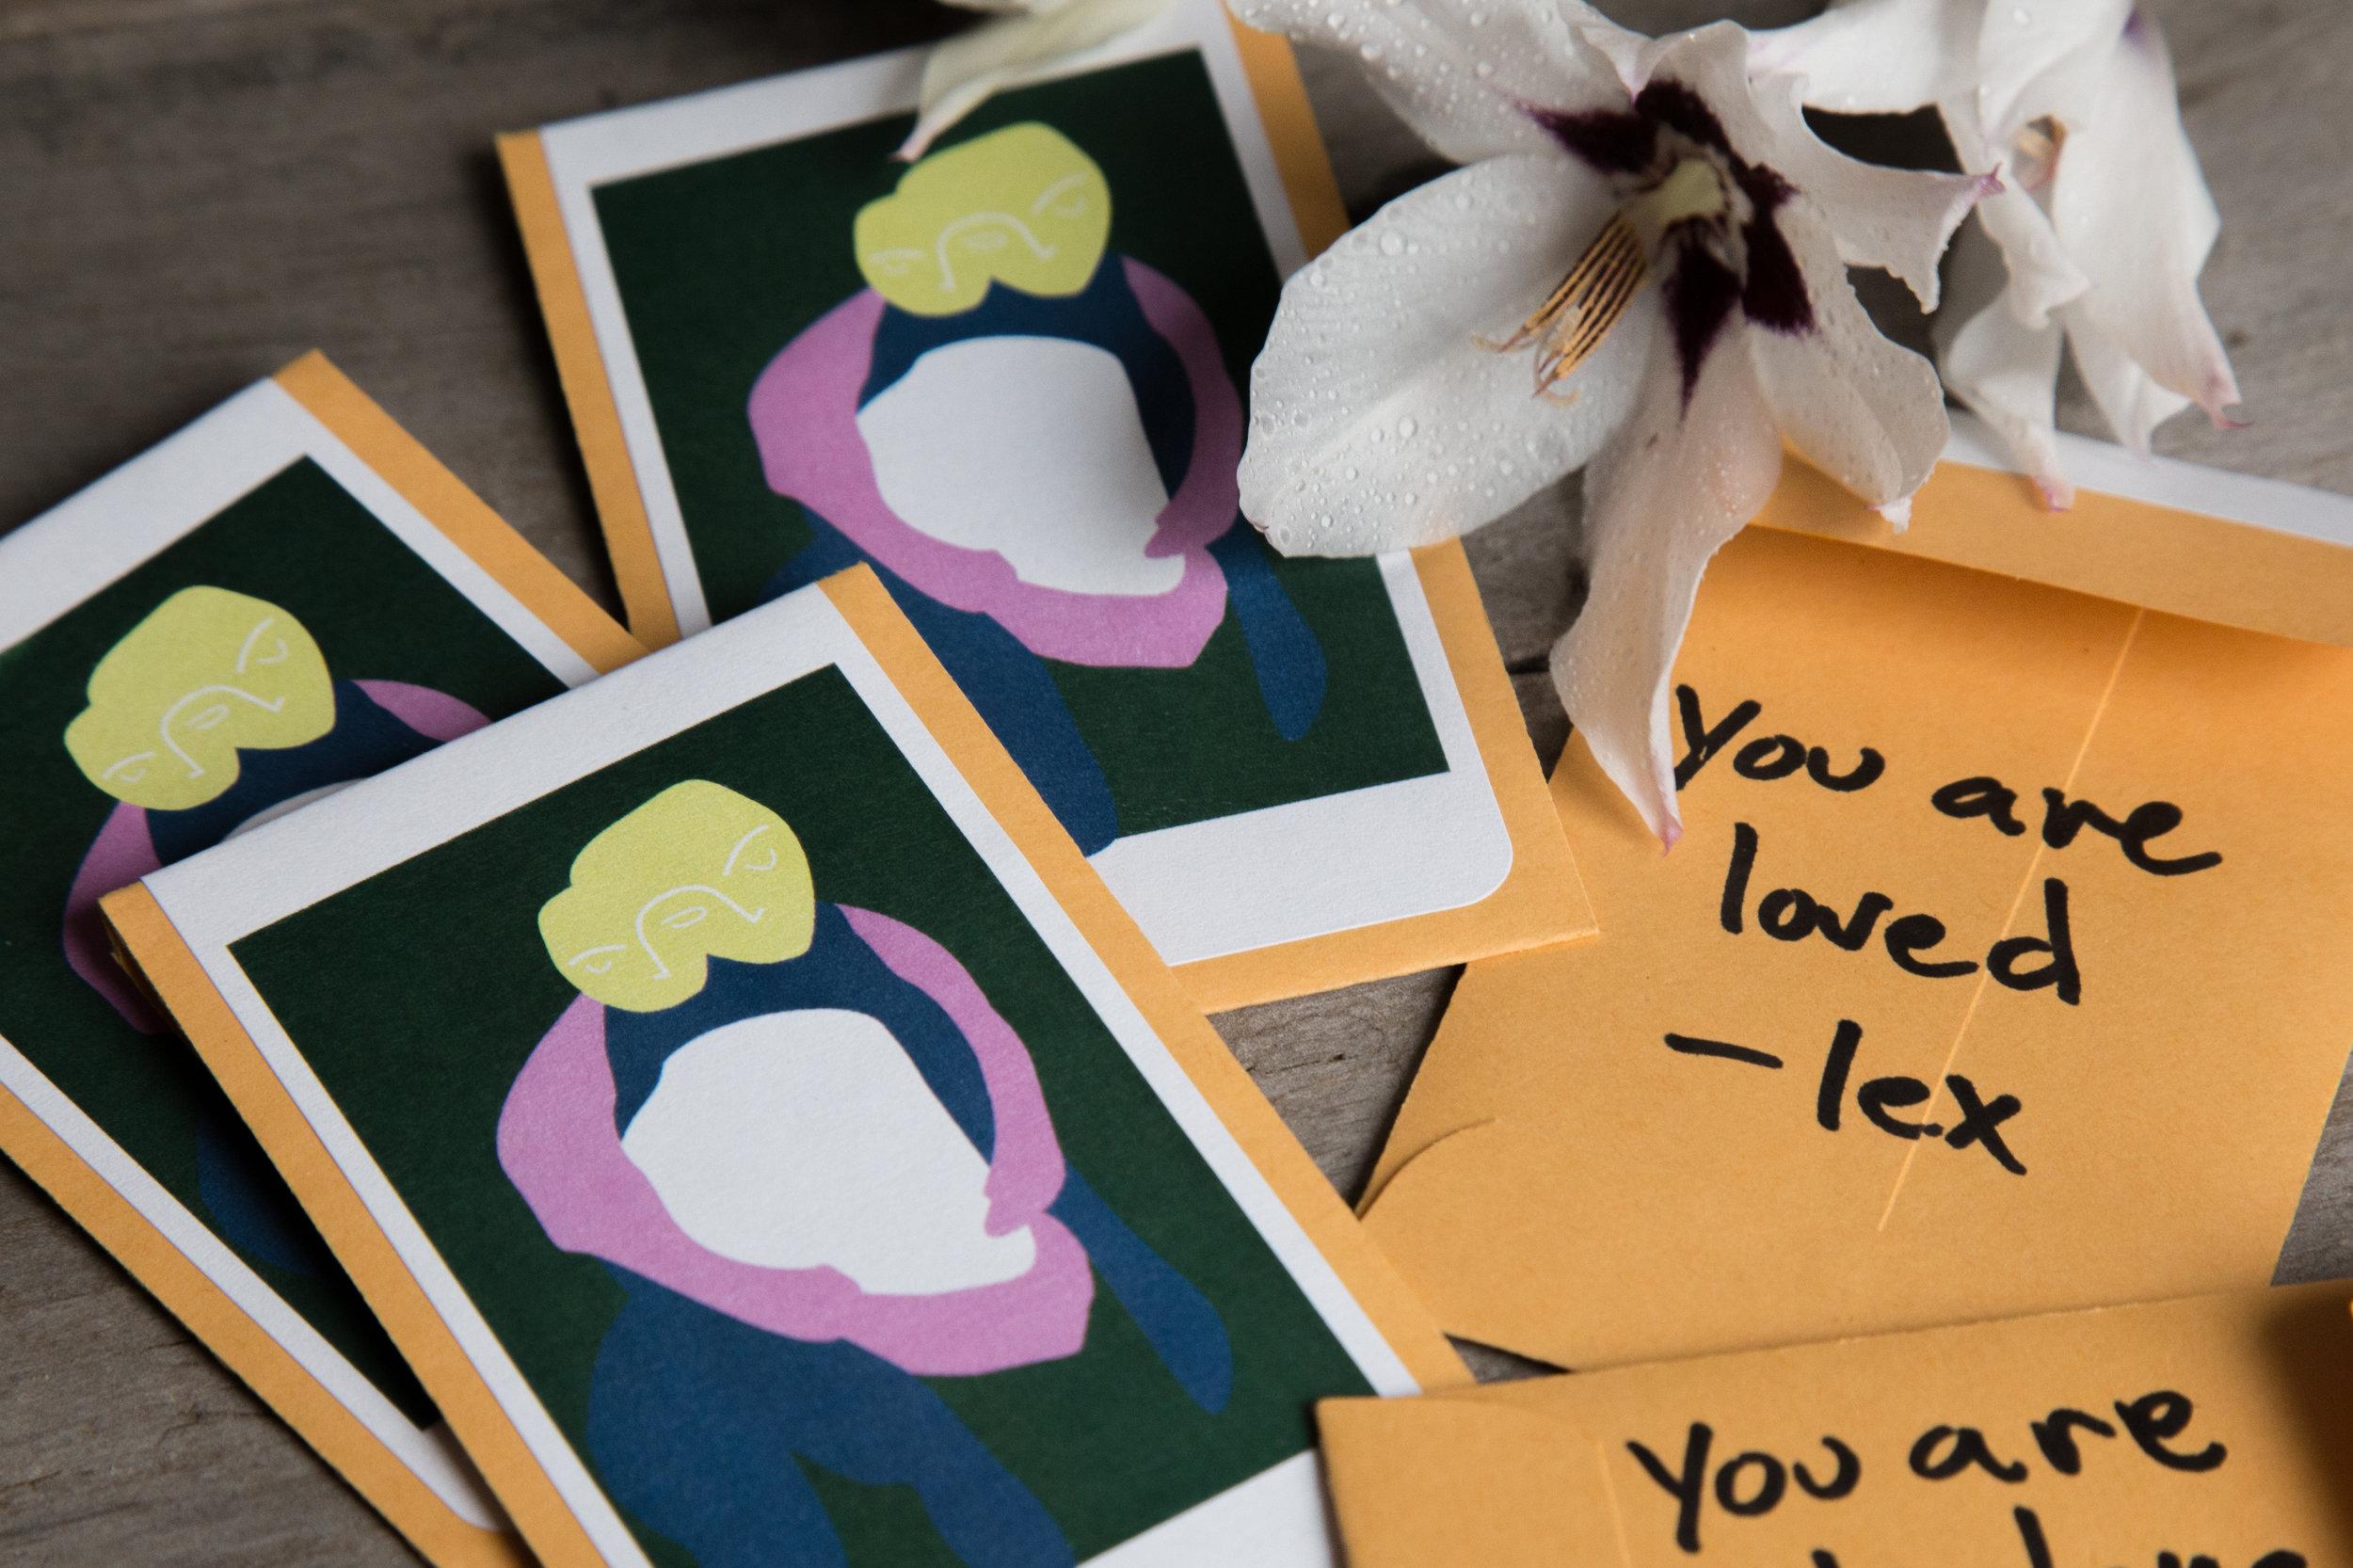 love in abundance cards.jpg